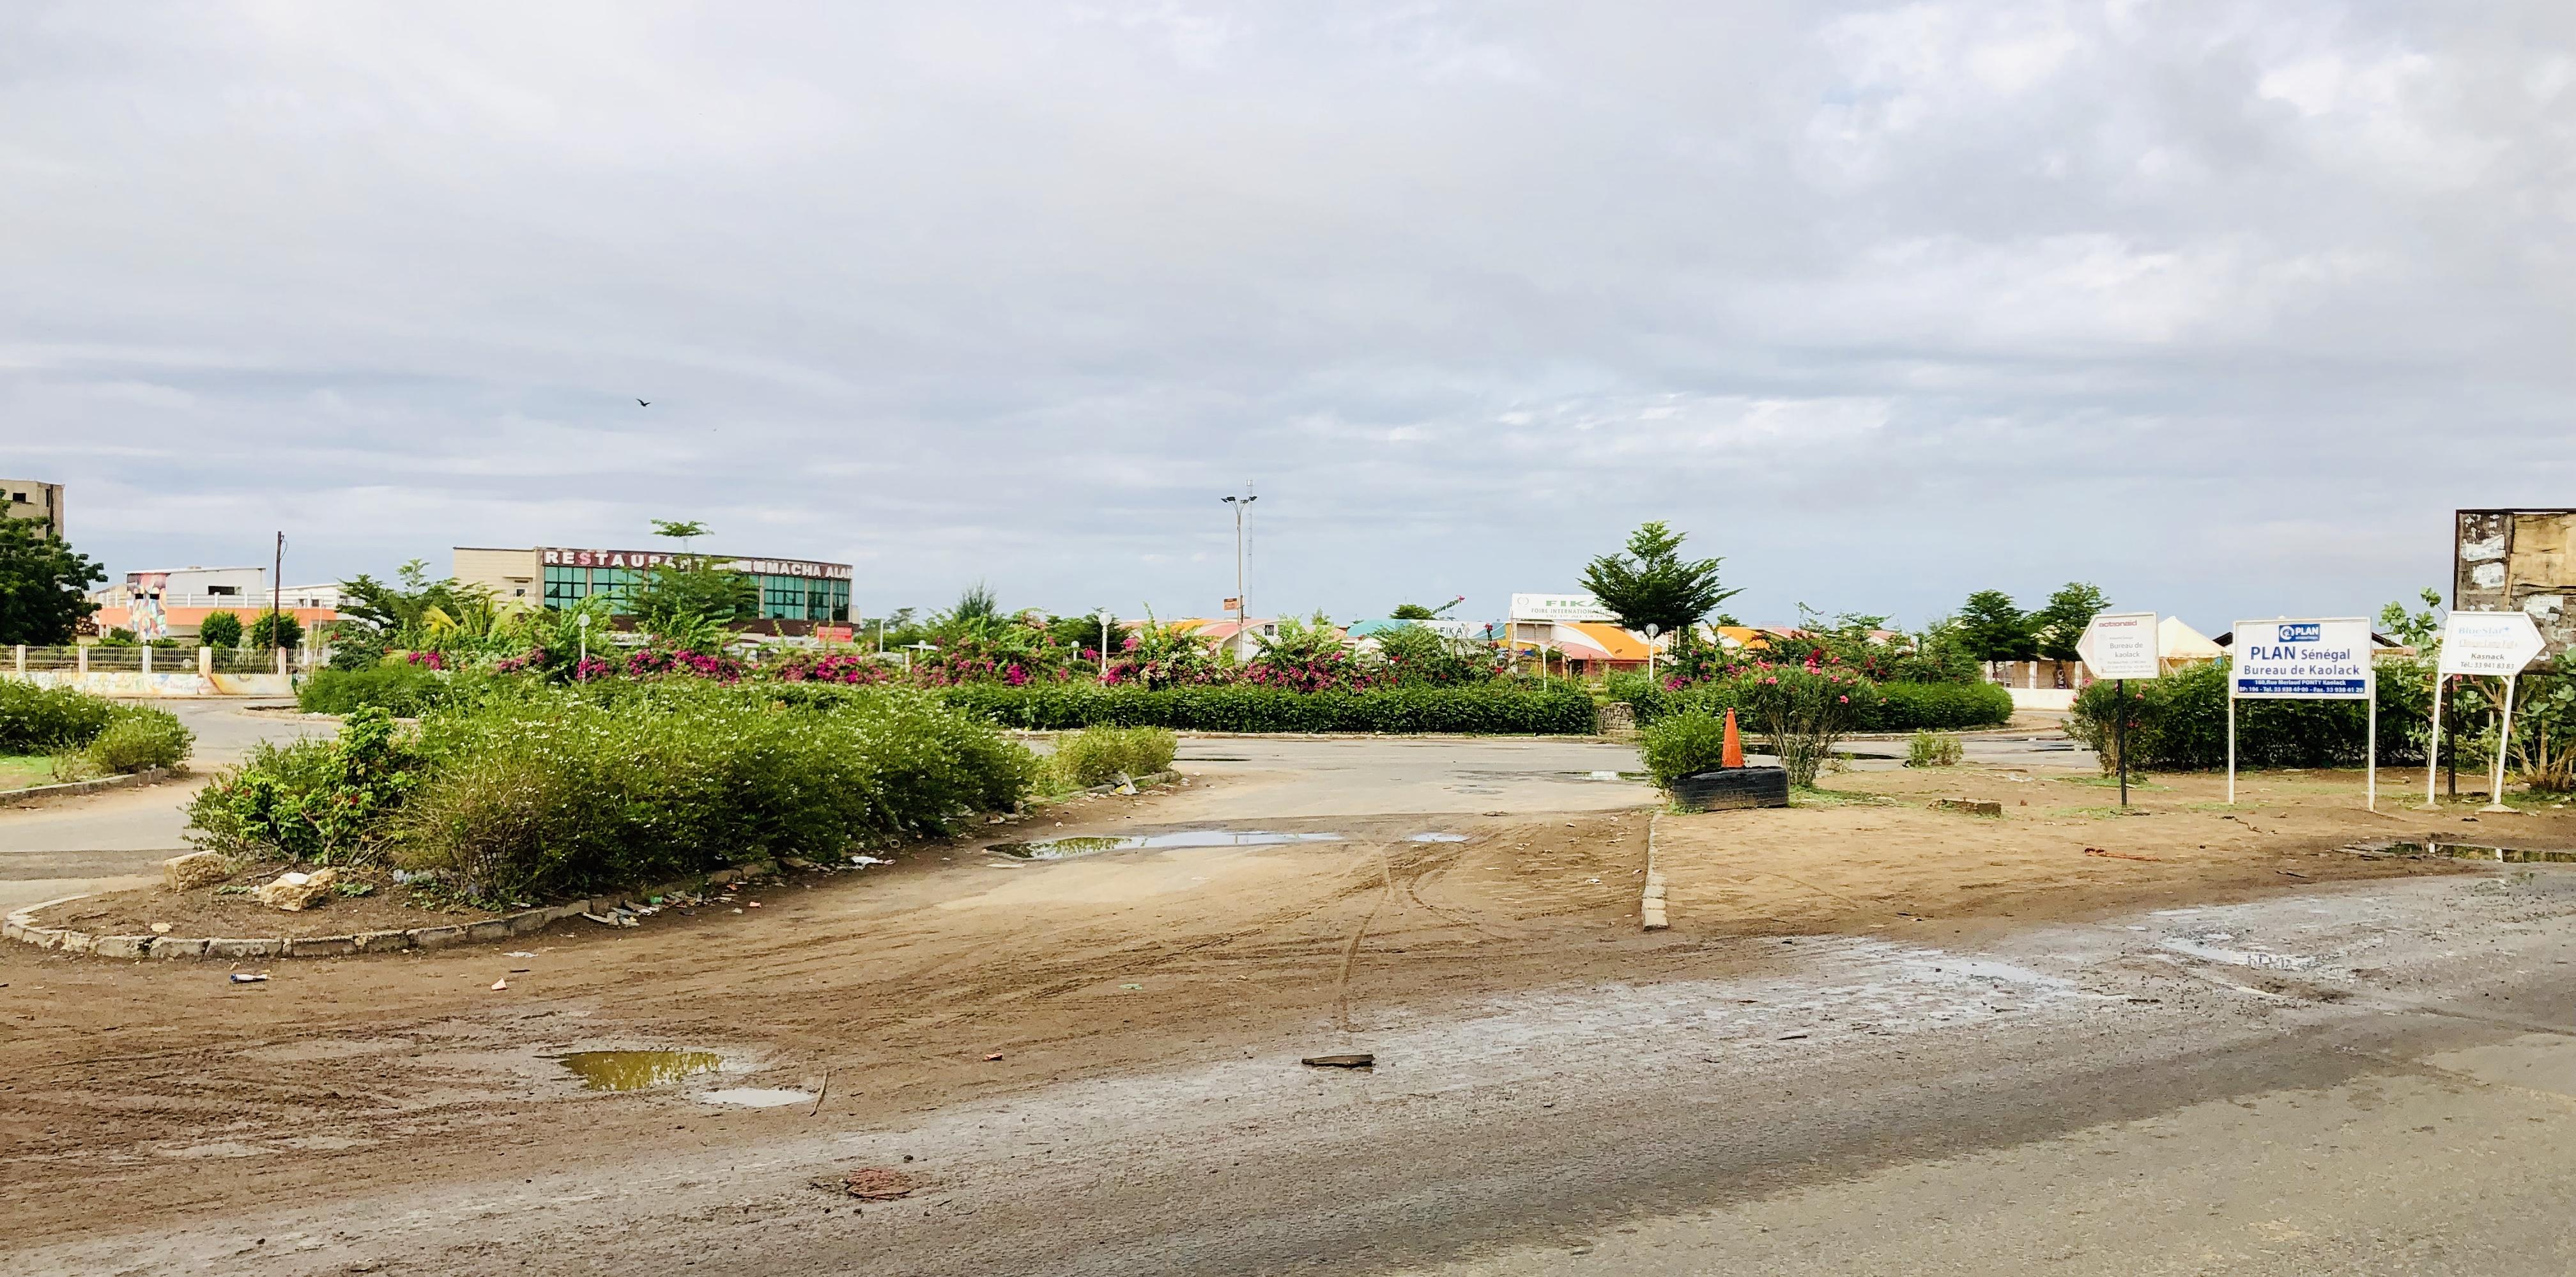 Cœur de Ville de Kaolack : La DSCOS envoie à  Serigne Mboup une sommation d'arrêt des travaux de construction d'un terrain de football... La direction apporte des précisions.